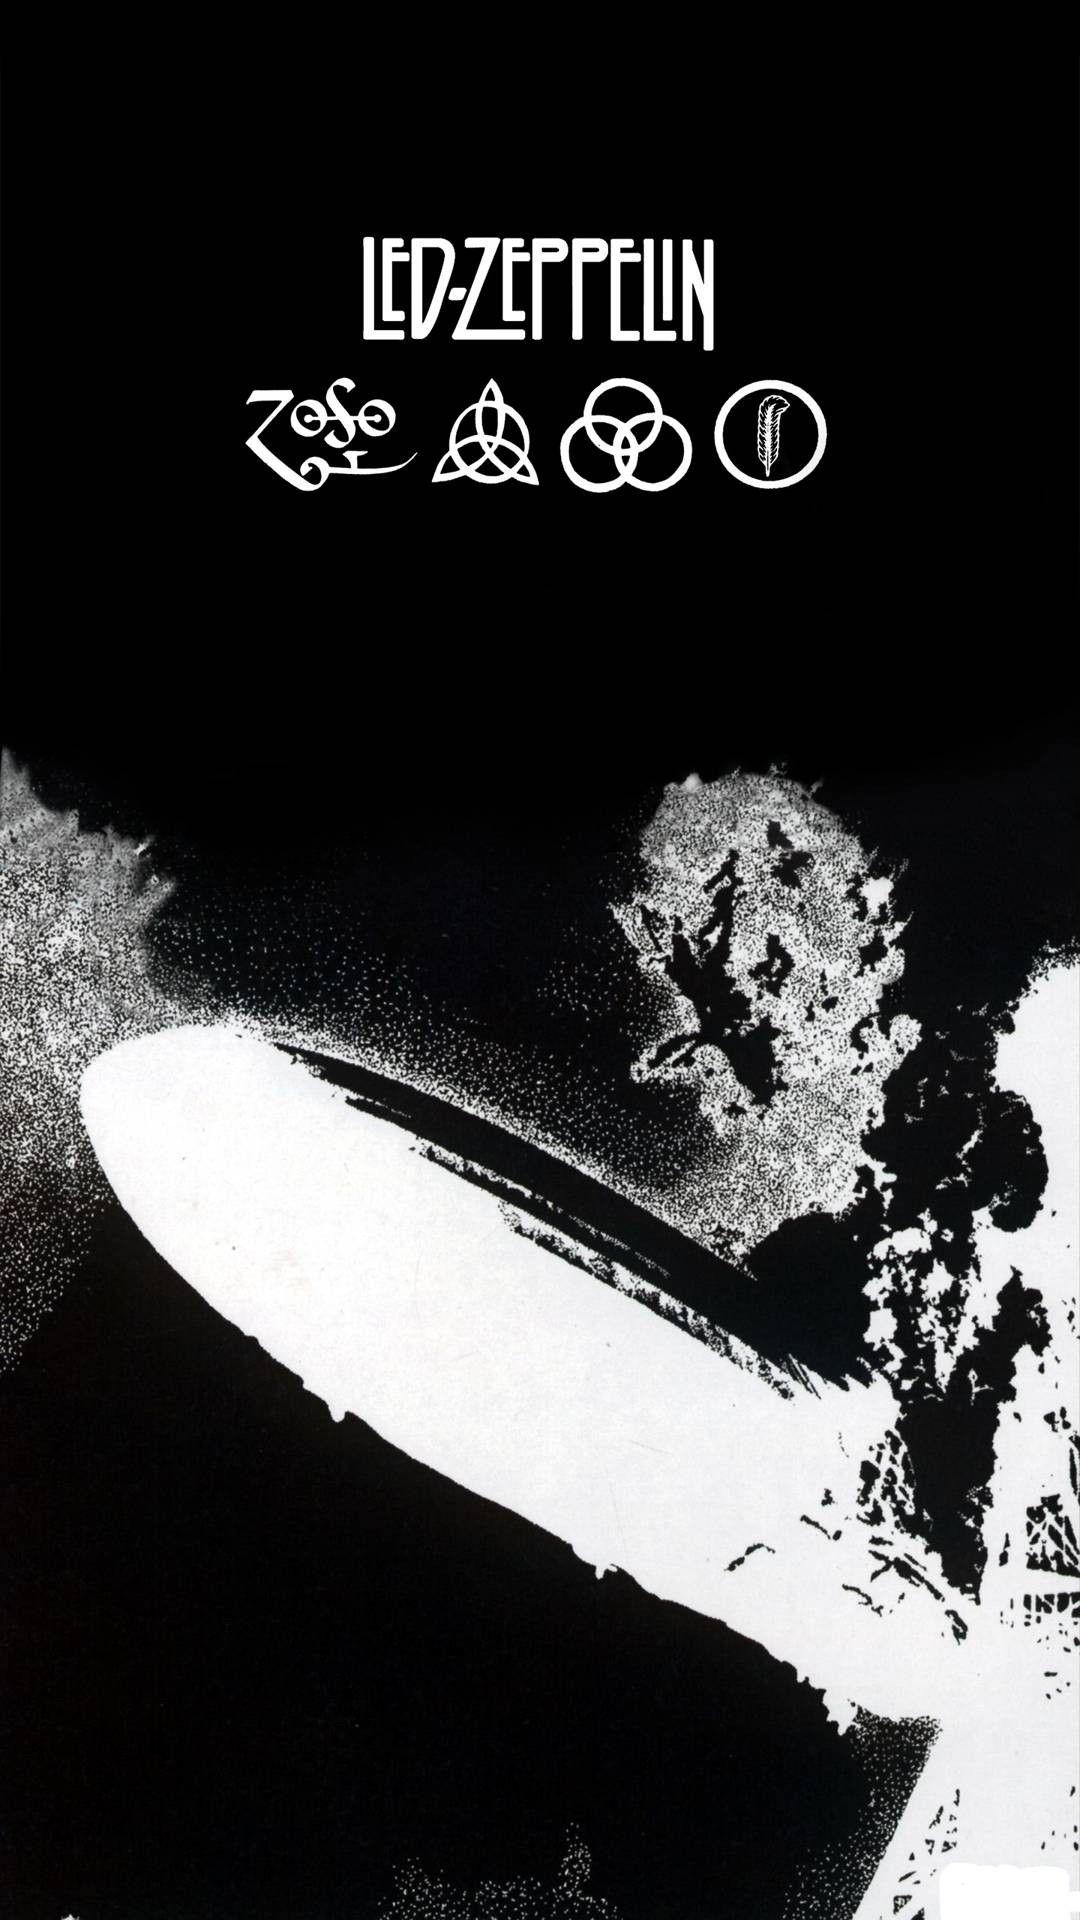 Pin On Led Zeppelin